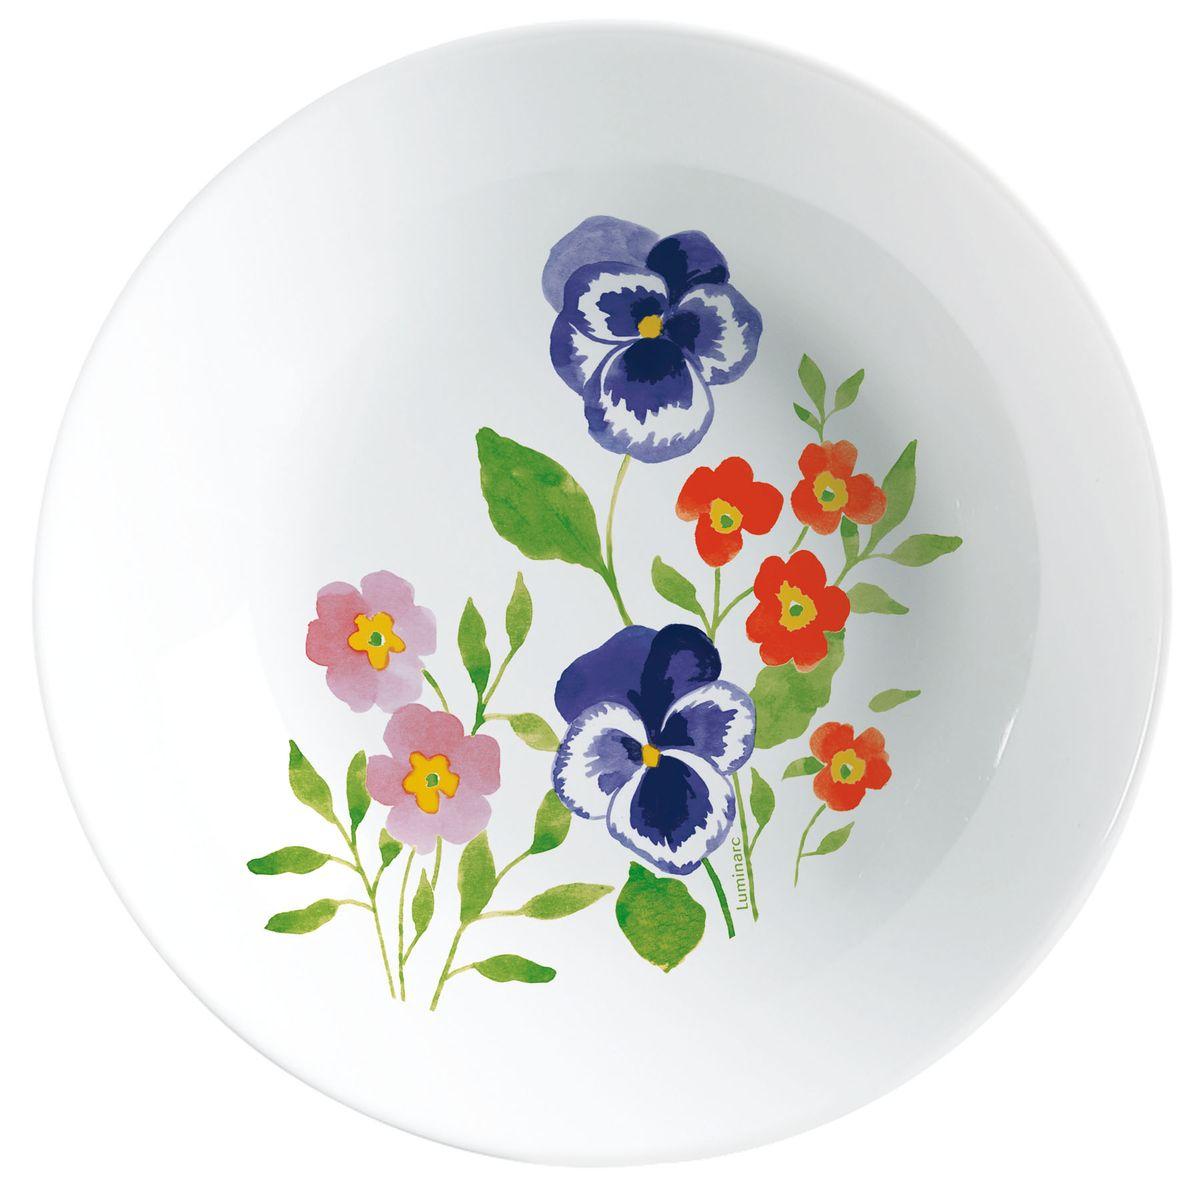 Тарелка глубокая Luminarc Magda, диаметр 27 смH8580Глубокая тарелка Magda надежной марки Luminarc - интересное решение для кухонь и столовых в классическом и современном дизайне. Глянцевая тарелка с нежным цветочным рисунком - отличный вариант для дачи или загородного дома. Тарелка изготовлена из ударопрочного стекла, которое не впитывает запахи и обладает антибактериальными свойствами. Ее можно мыть в посудомоечной машине и использовать в микроволновой печи.